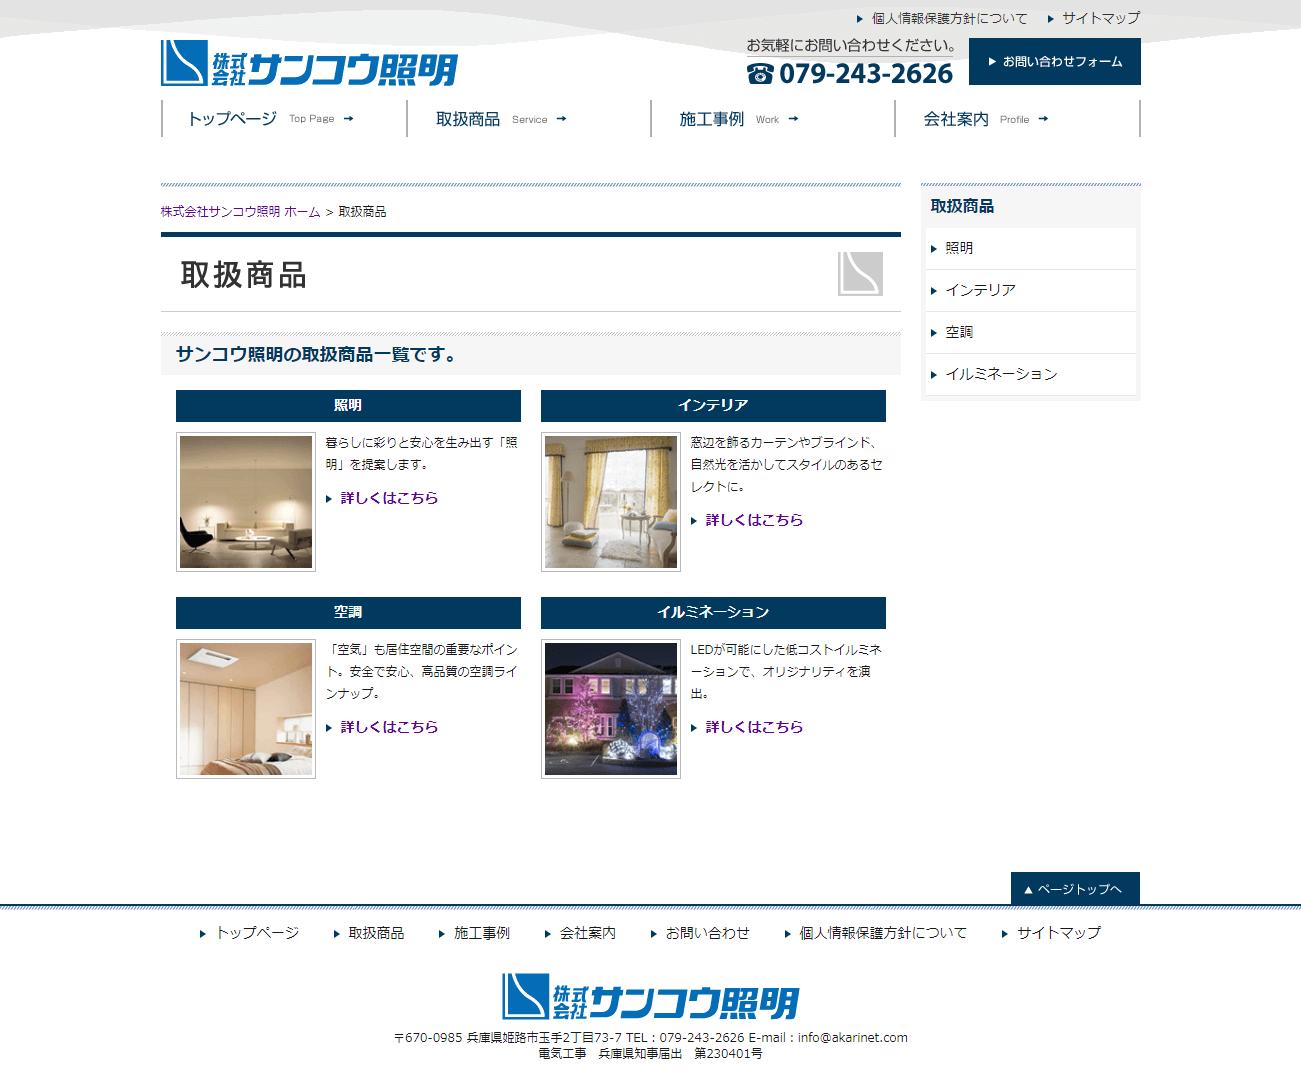 姫路市 株式会社サンコウ照明様 ホームページ制作2